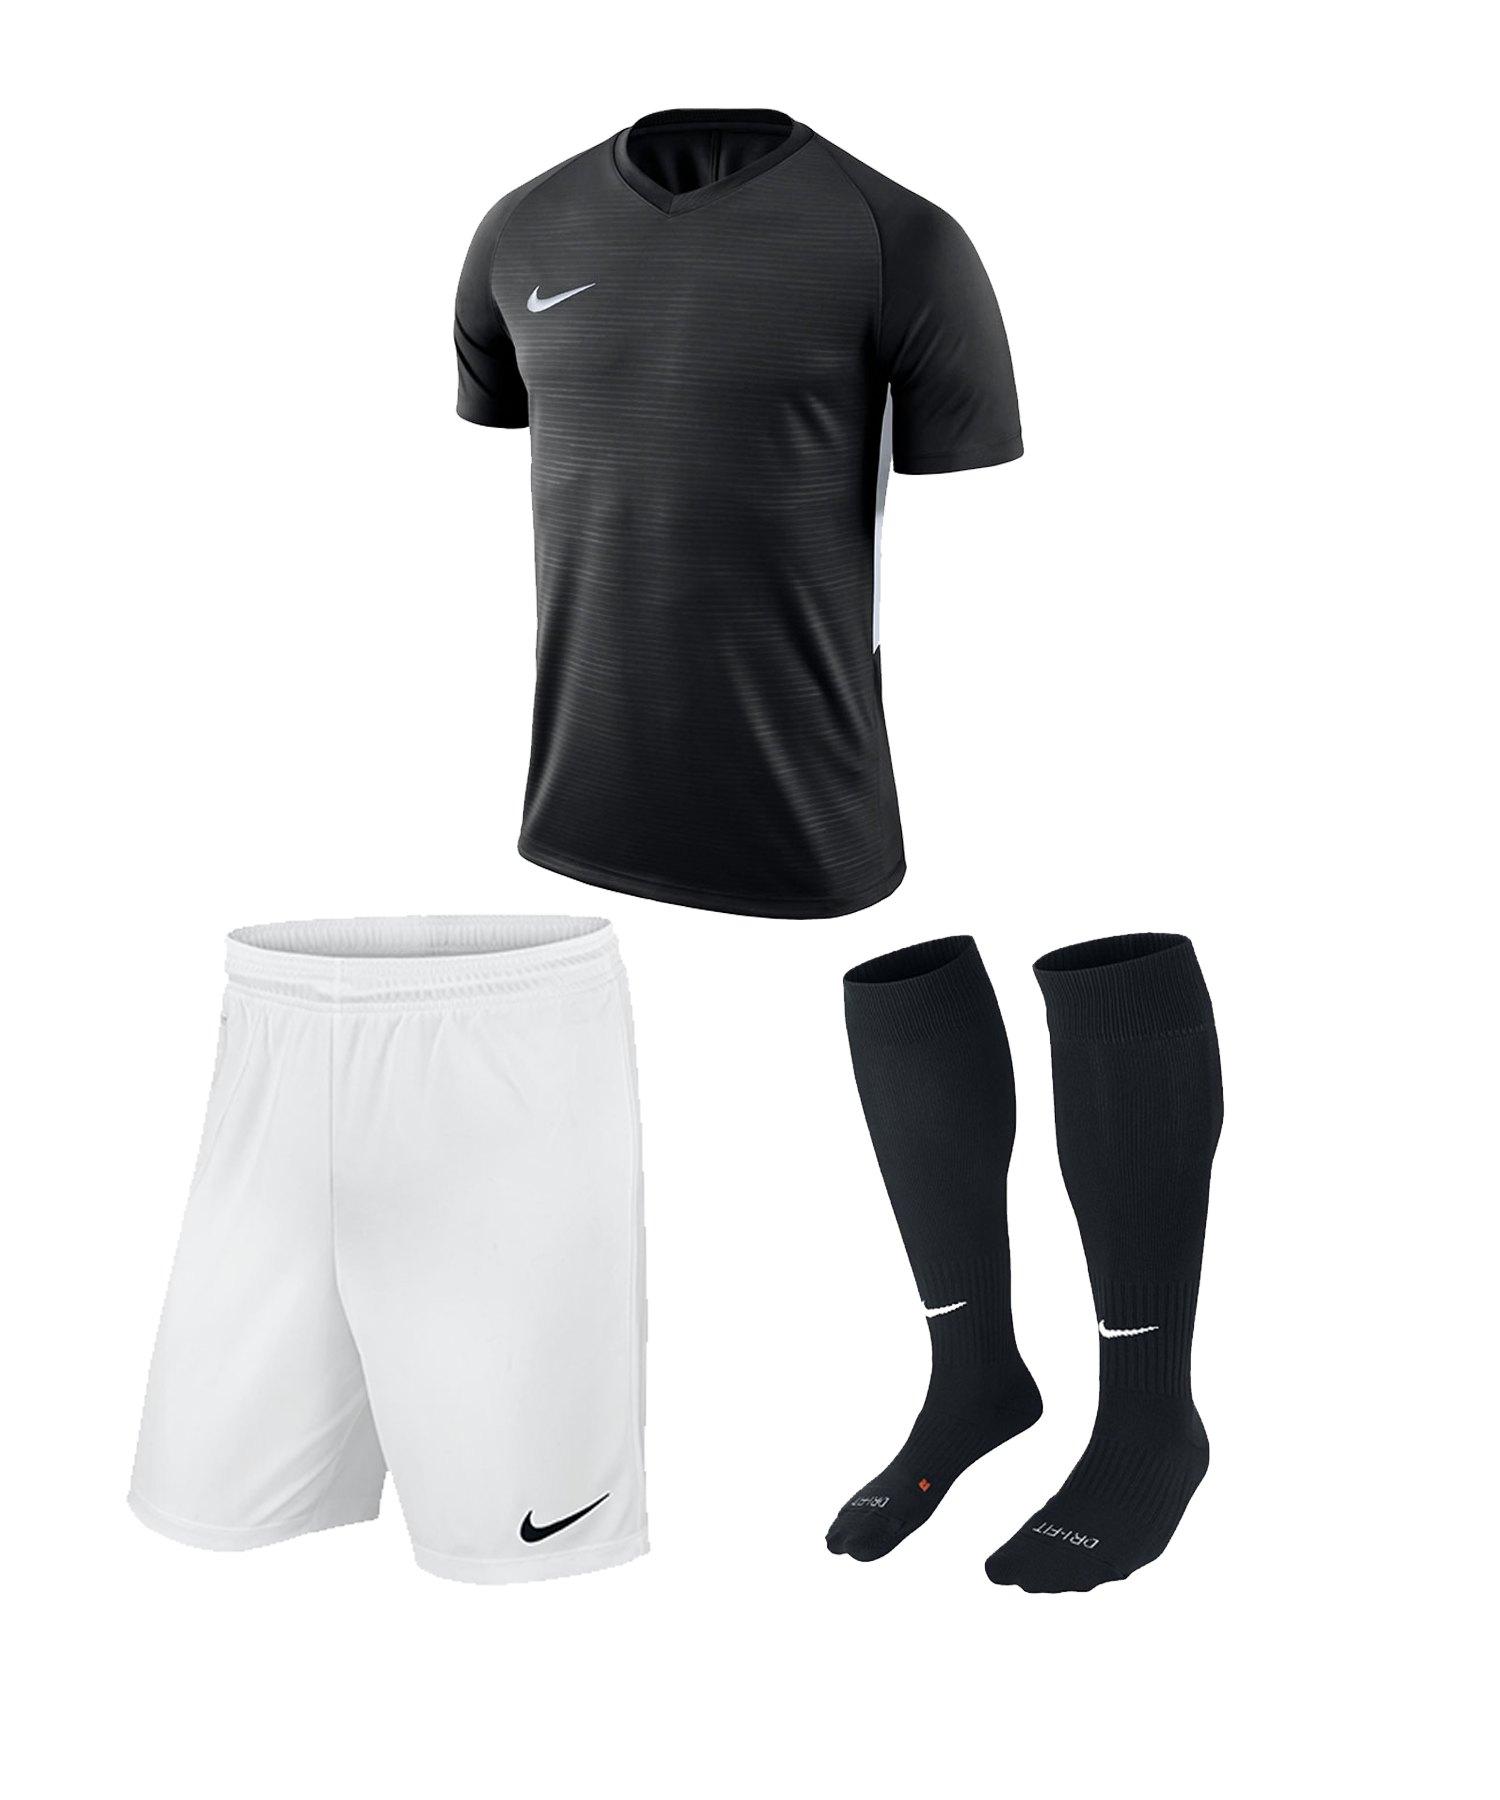 Nike Tiempo Premier Trikotset Kids Schwarz F010 - schwarz